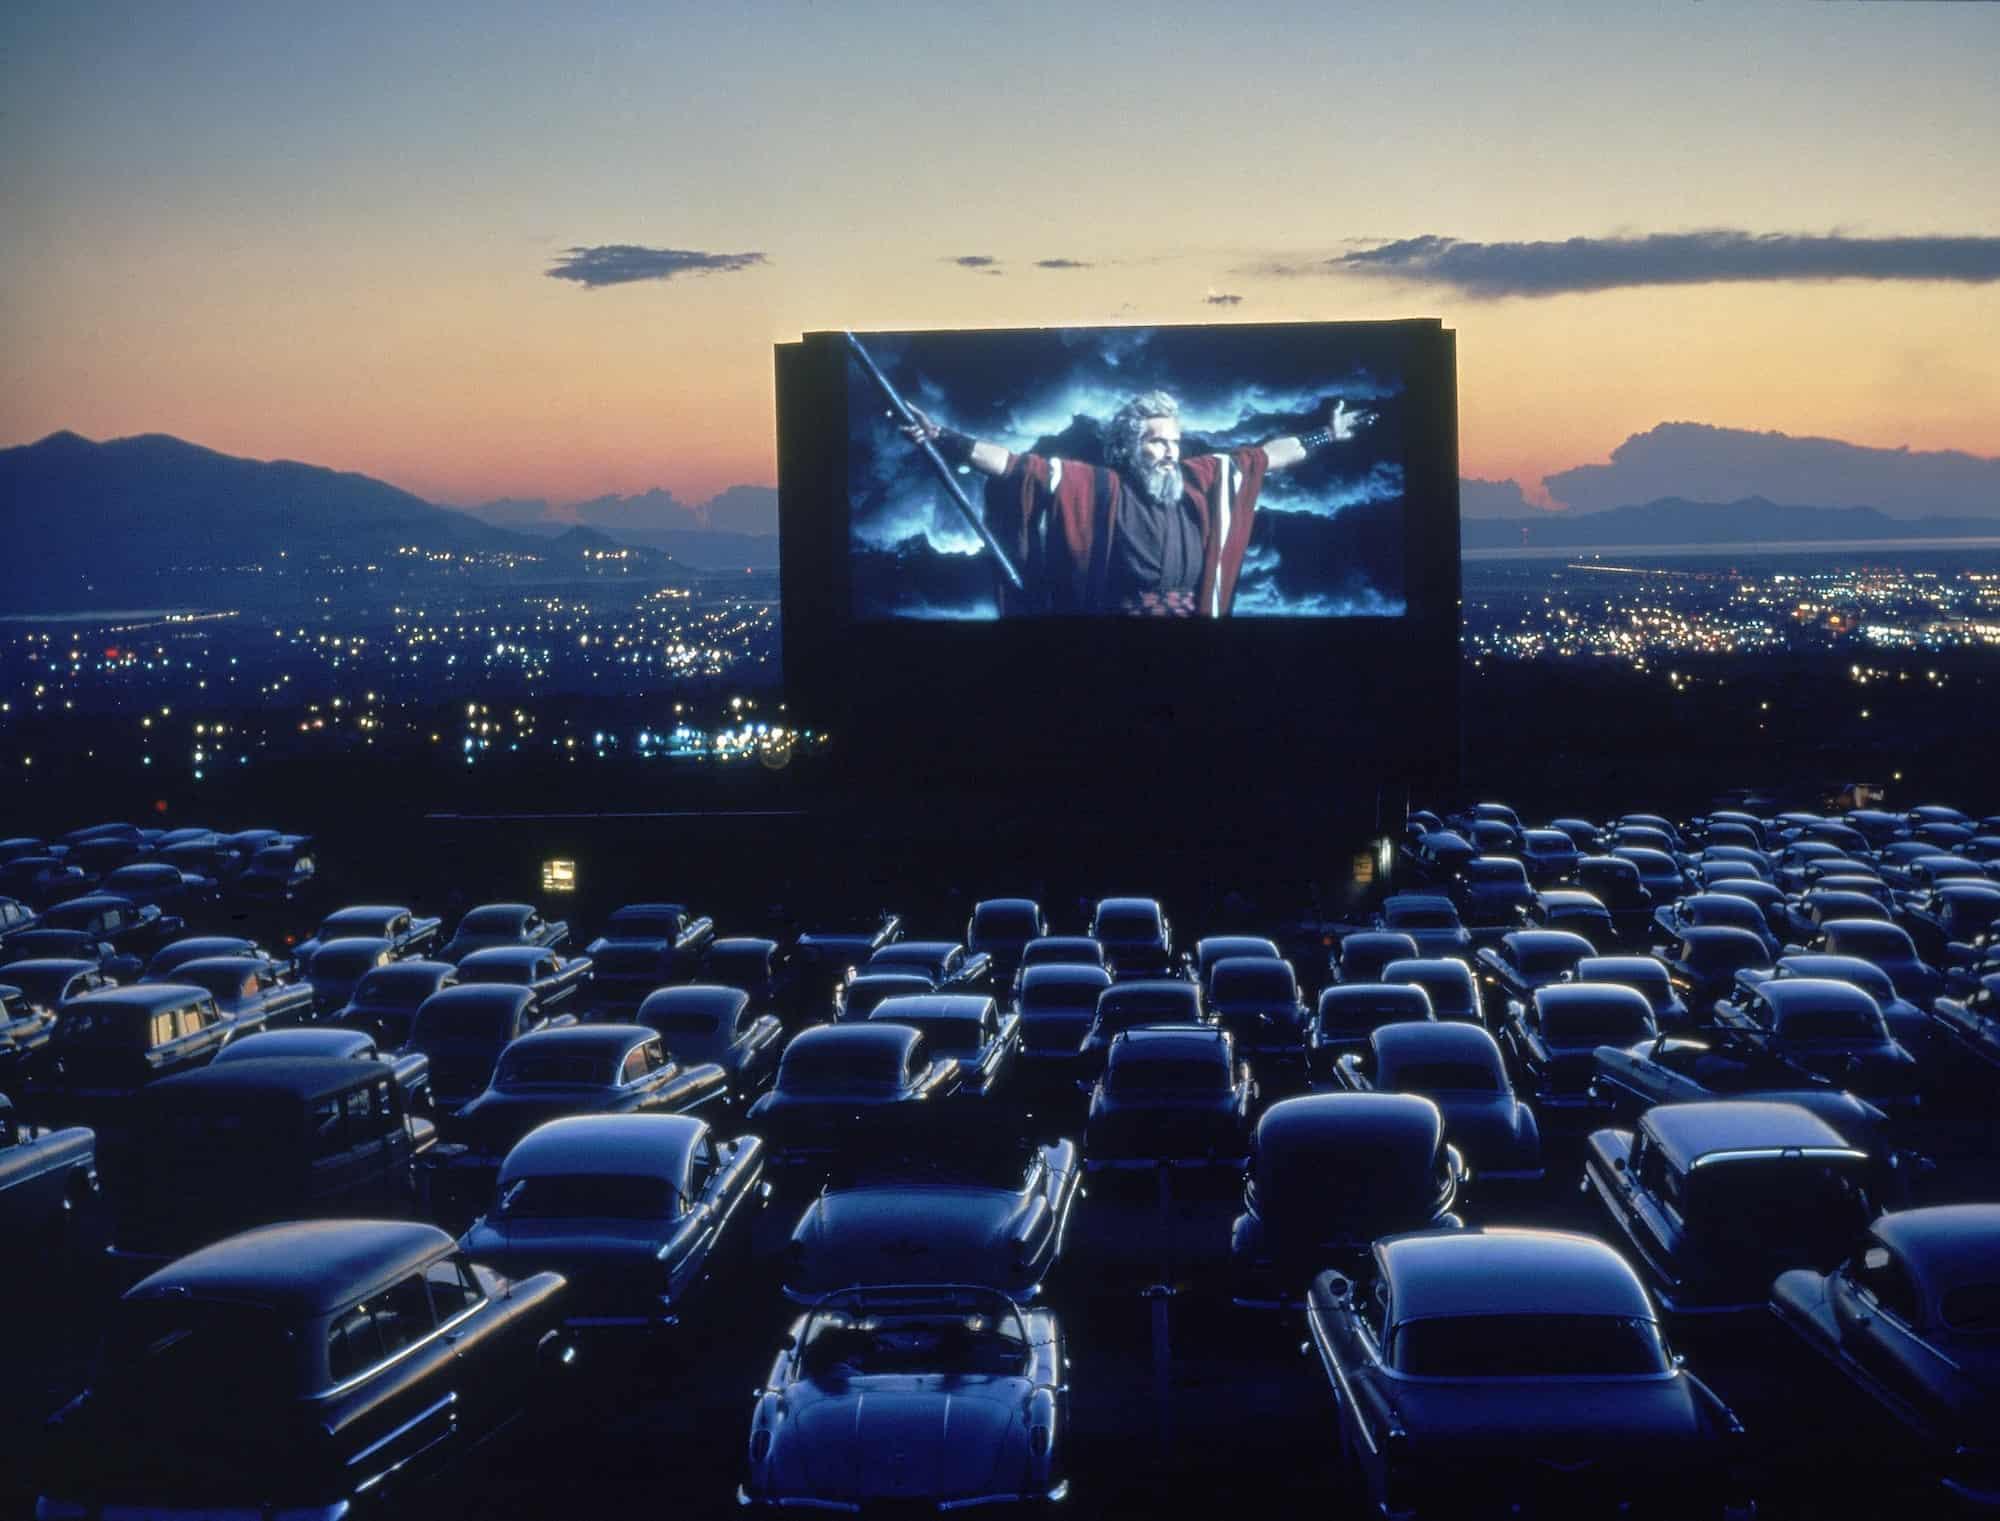 """קולנוע פתוח דרייב-אין בעת הקרנת """"עשרת הדיברות"""", אוגוסט 1958,קנזס, ארה""""ב. צילום: ג'יי.אר. איירמן, """"טיים-לייף"""", באמצעות גטי-אימייג'."""